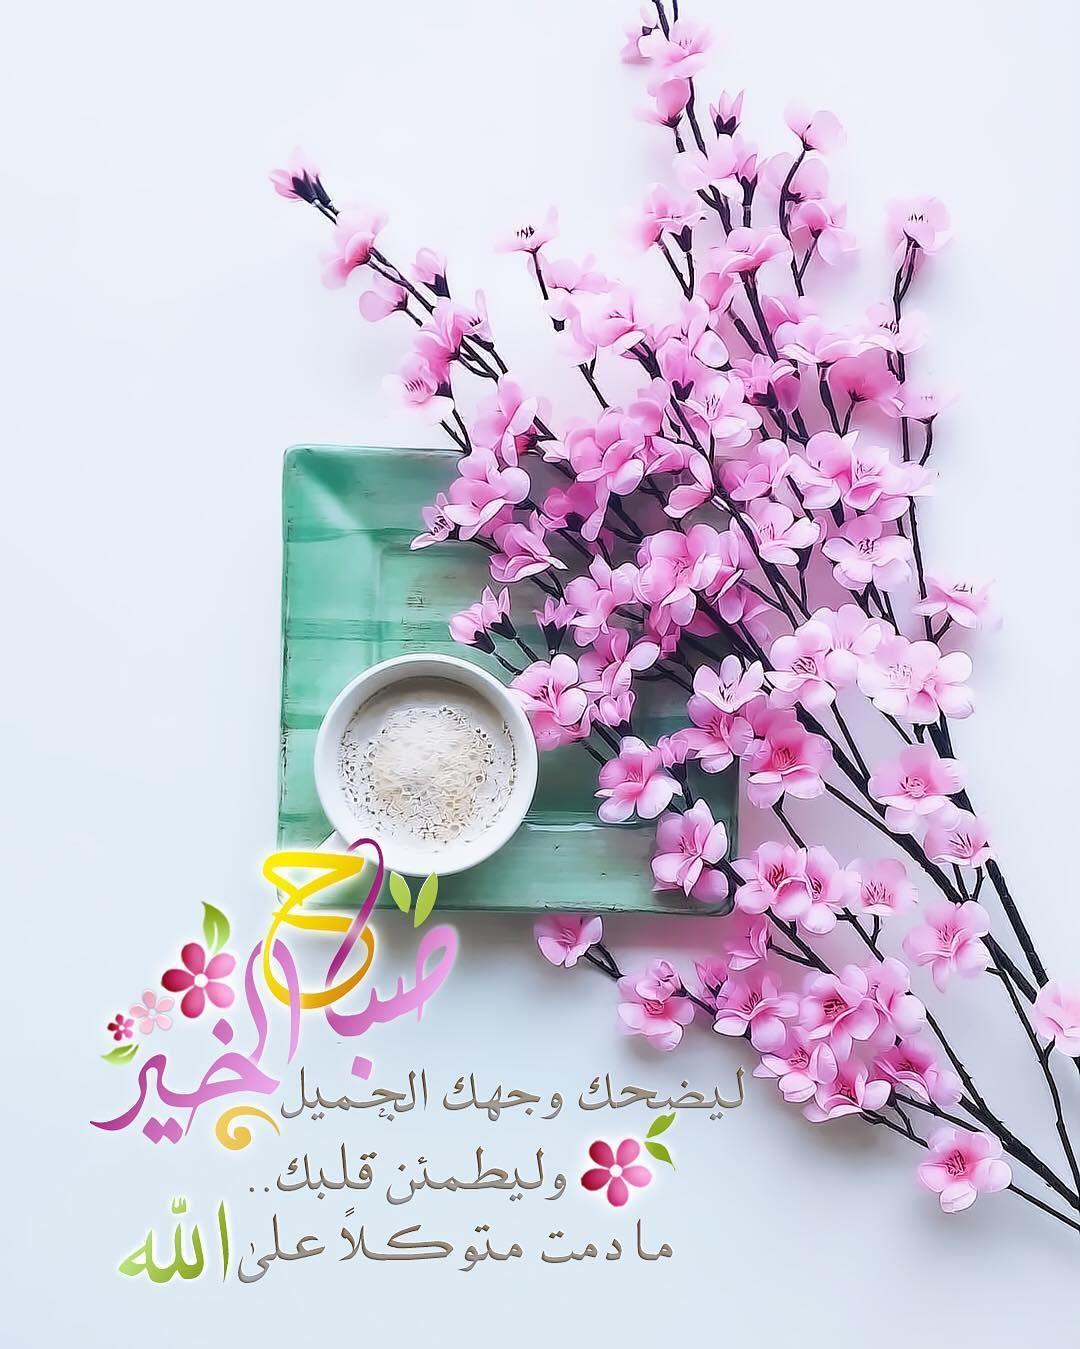 صباح الخير ل ي ضحك و جهك الج ميل ولي طمئ ن ق لبك م ادمت م توكلا ع لى Good Morning Arabic Beautiful Morning Messages Good Morning Wishes